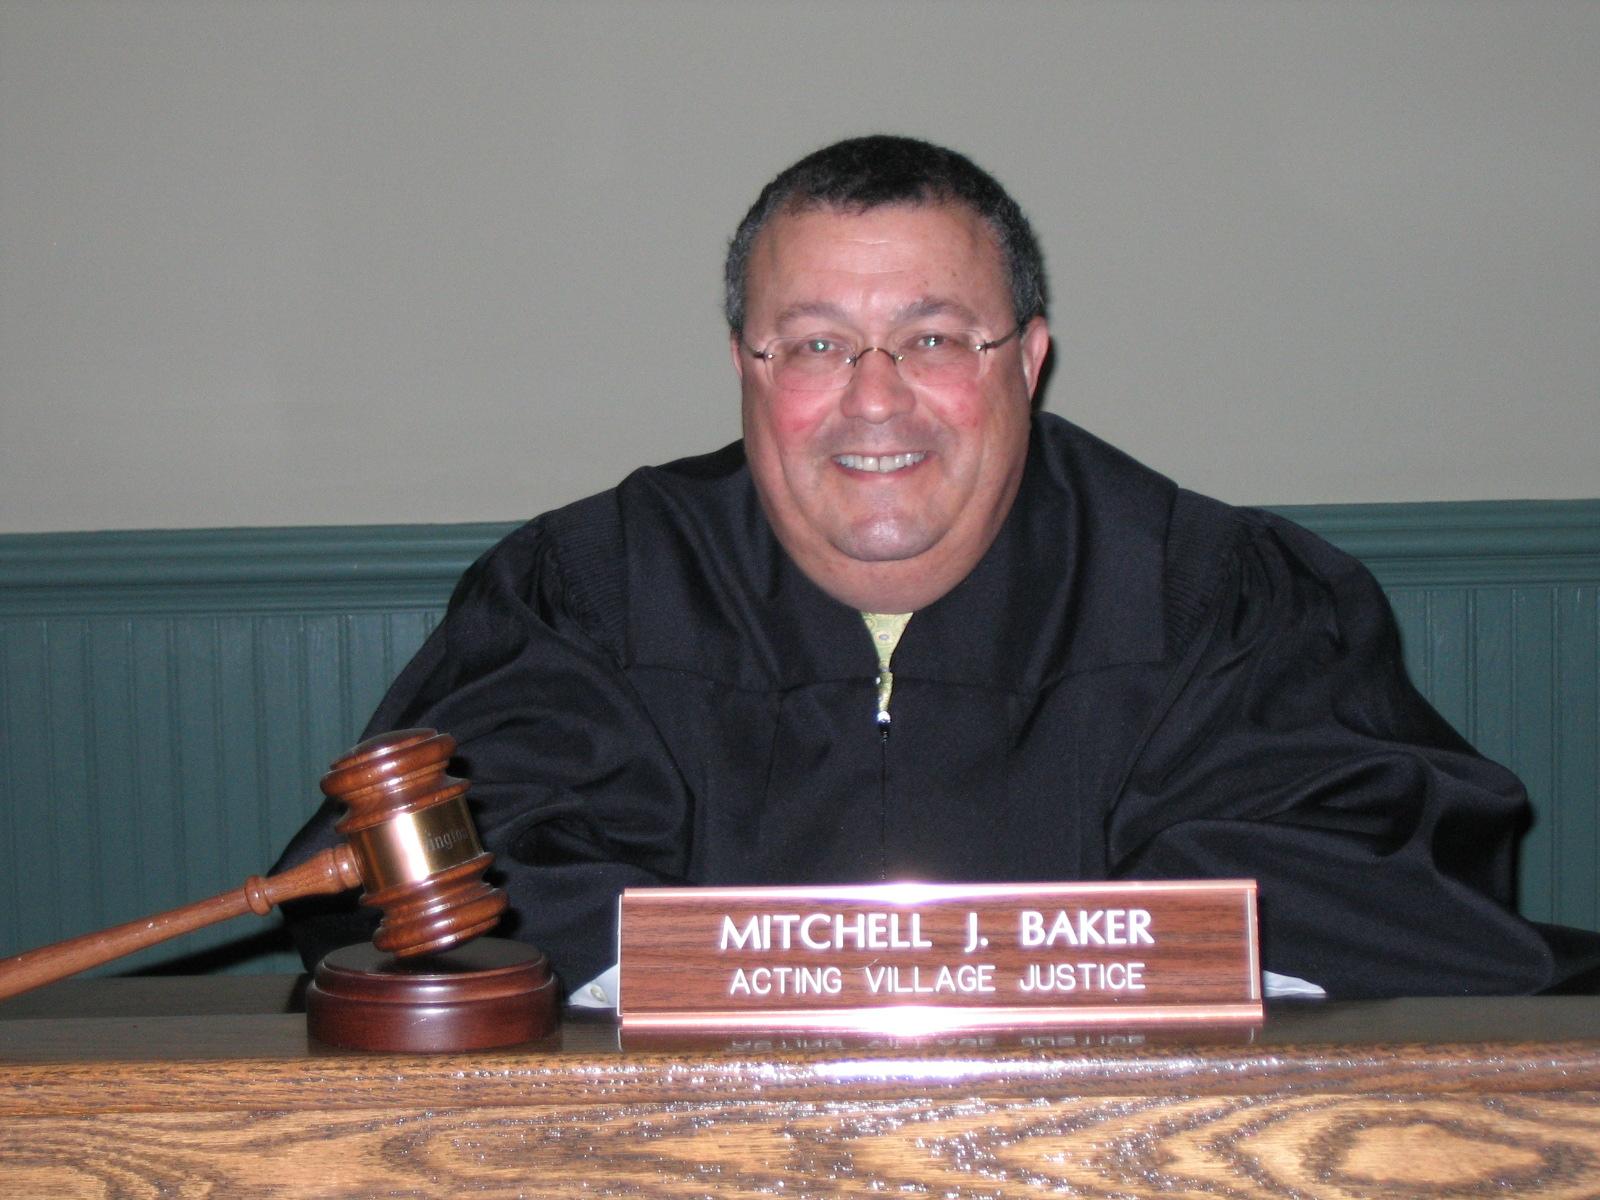 M. BAKER 9-2012 IMG_0837.JPG